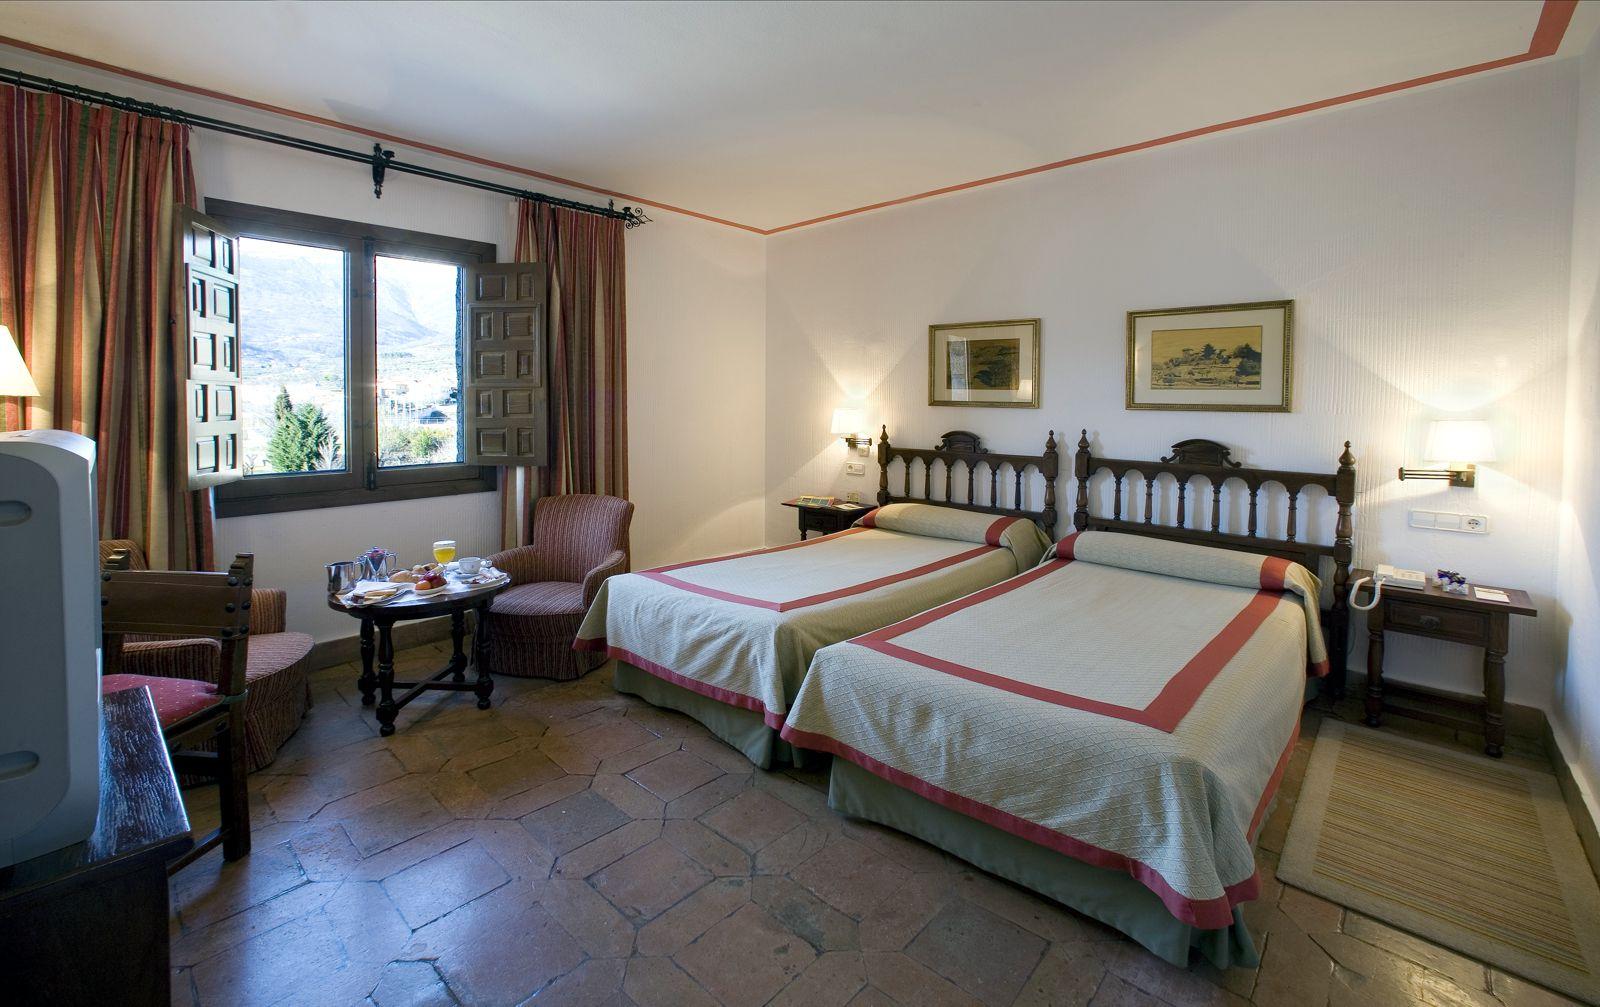 Paradores spanien hotel parador de jarandilla de la vera - Paradores jarandilla de la vera ...